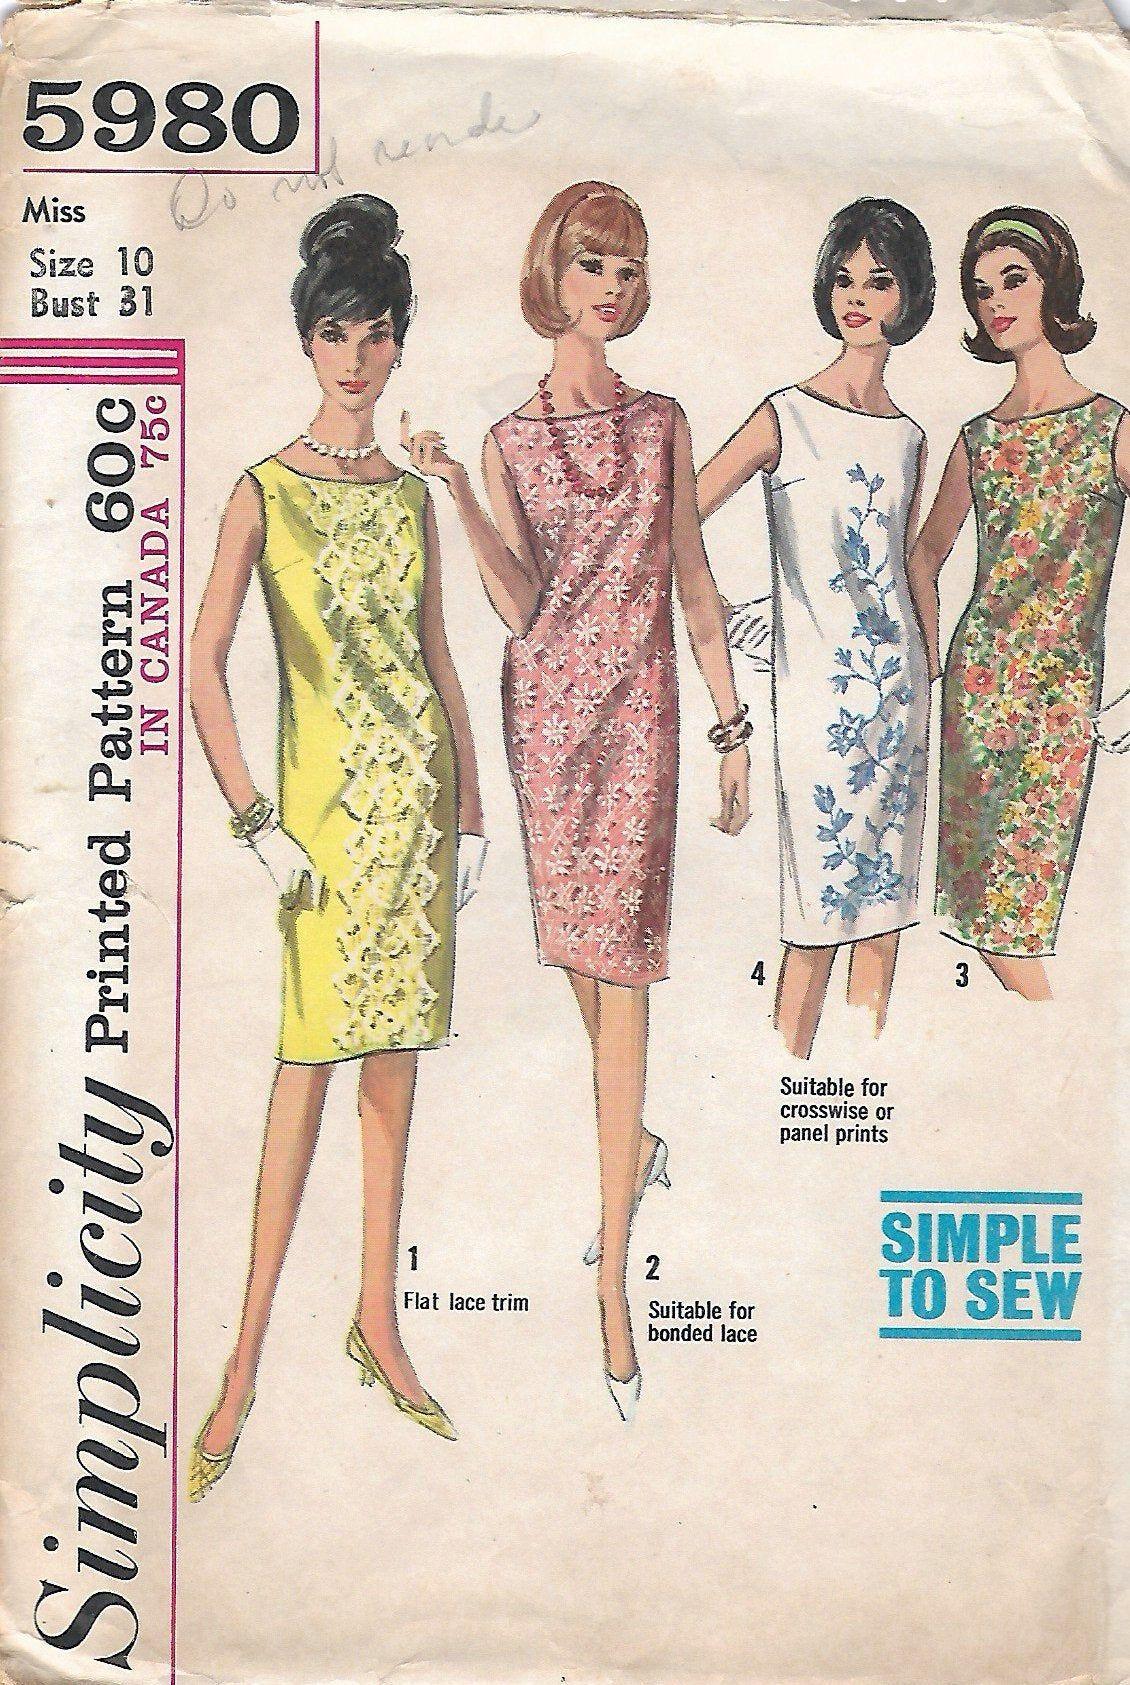 Vintage 1965 Simplicity 5980 Misses Mod One Piece Dress Sewing Etsy In 2021 Vintage Shift Dress Shift Dress Pattern Simplicity Patterns Dresses [ 1685 x 1130 Pixel ]